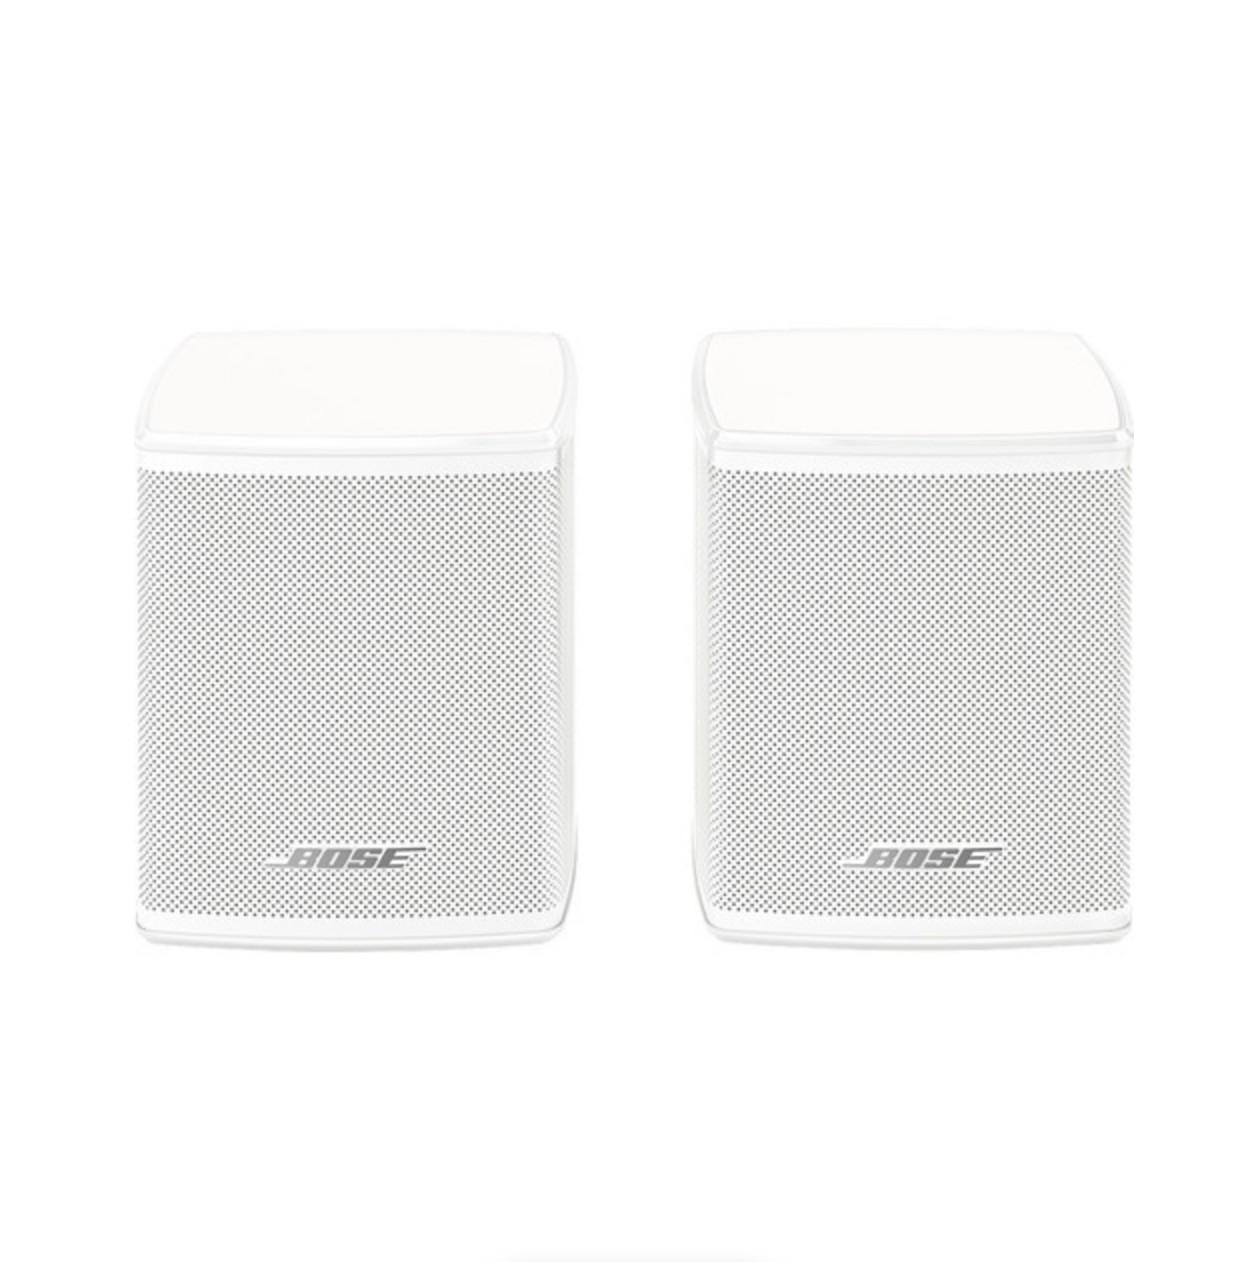 Bose Wireless Surround Caixa Acústica (Bose Branco, Par)